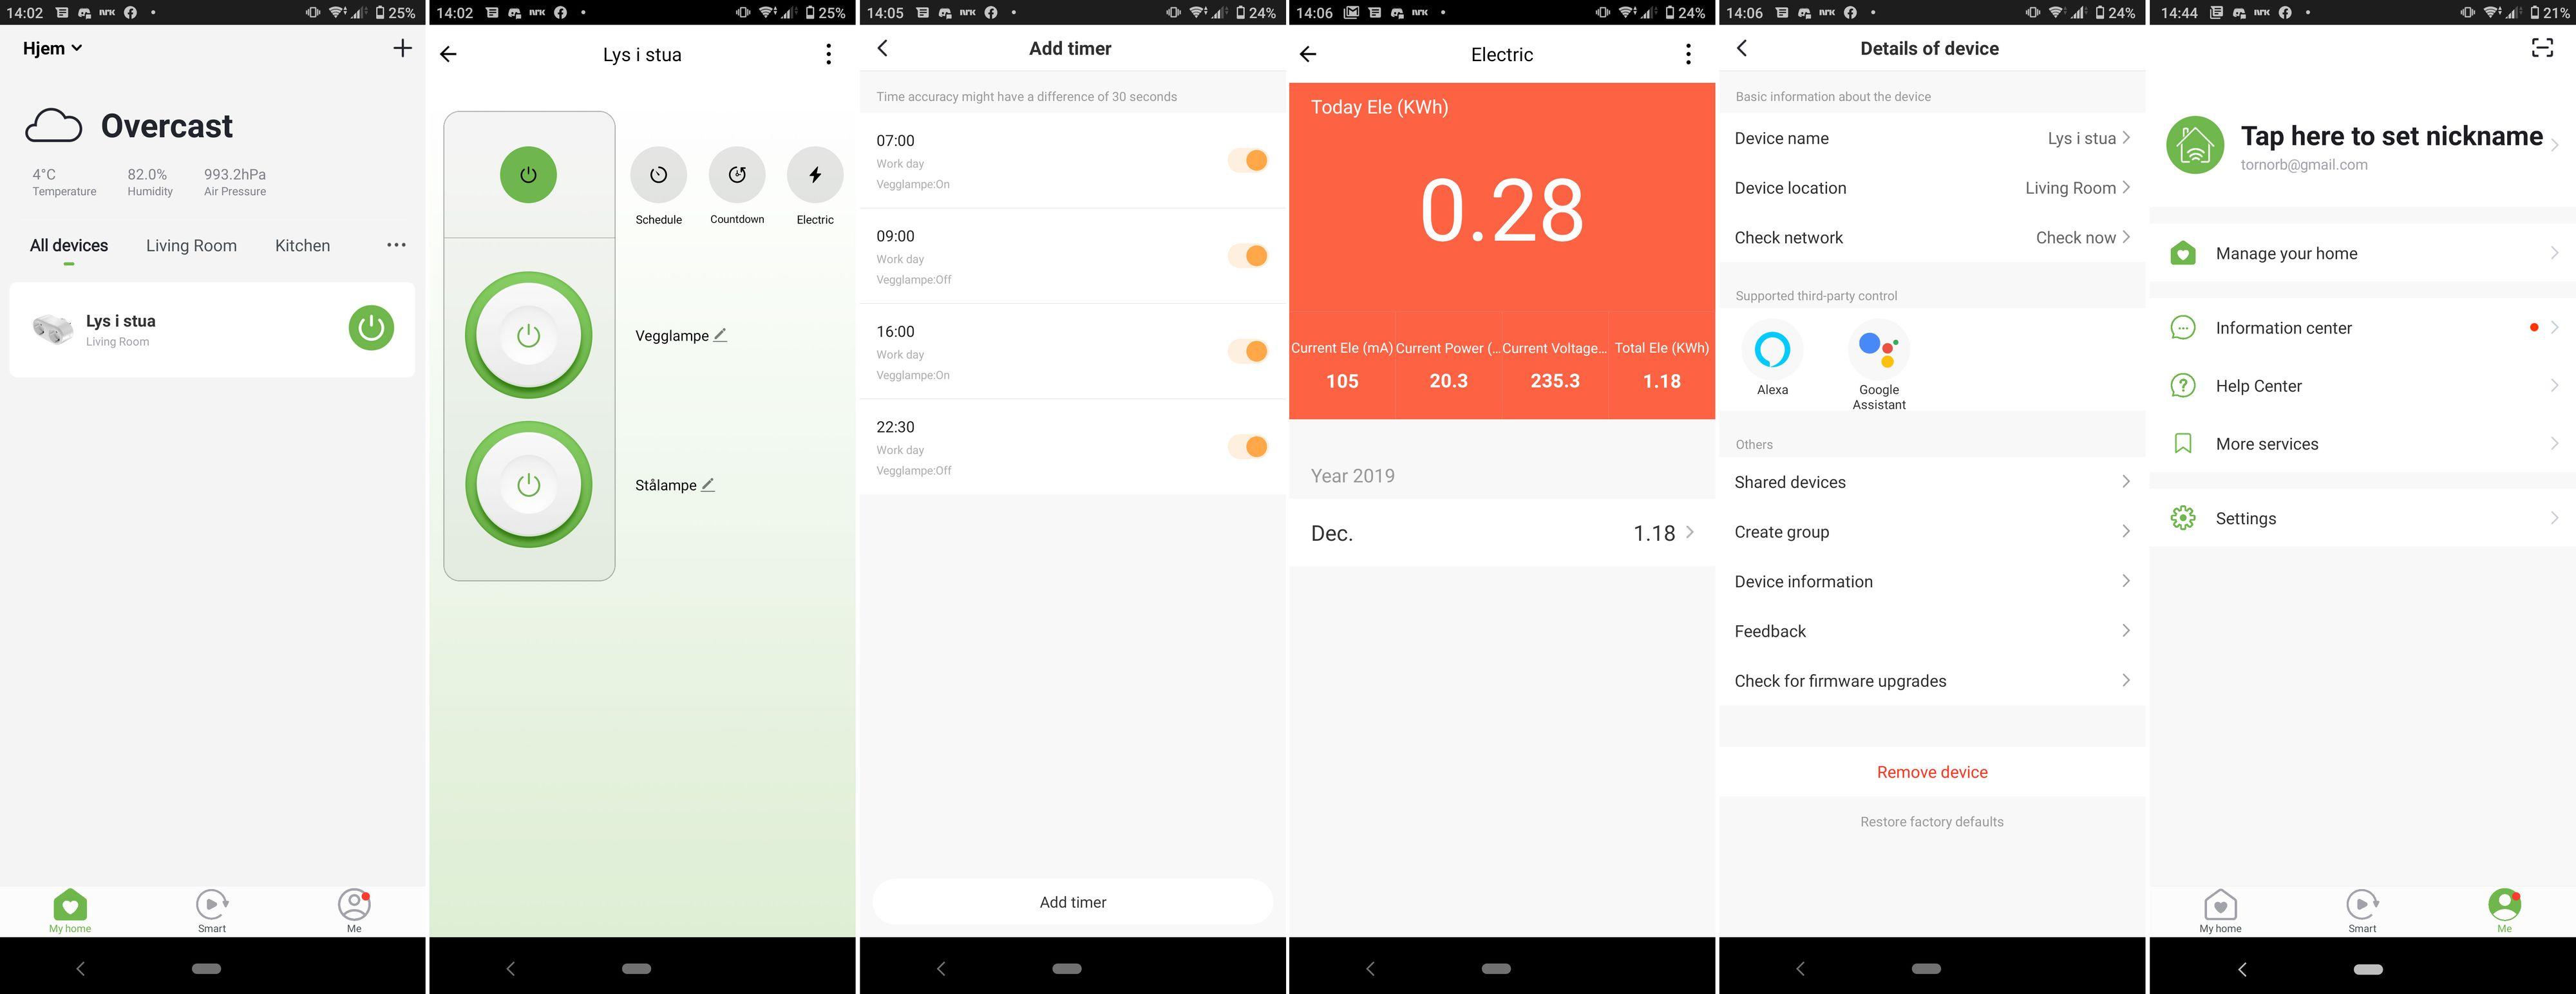 Appens layout og design er pent og rent.